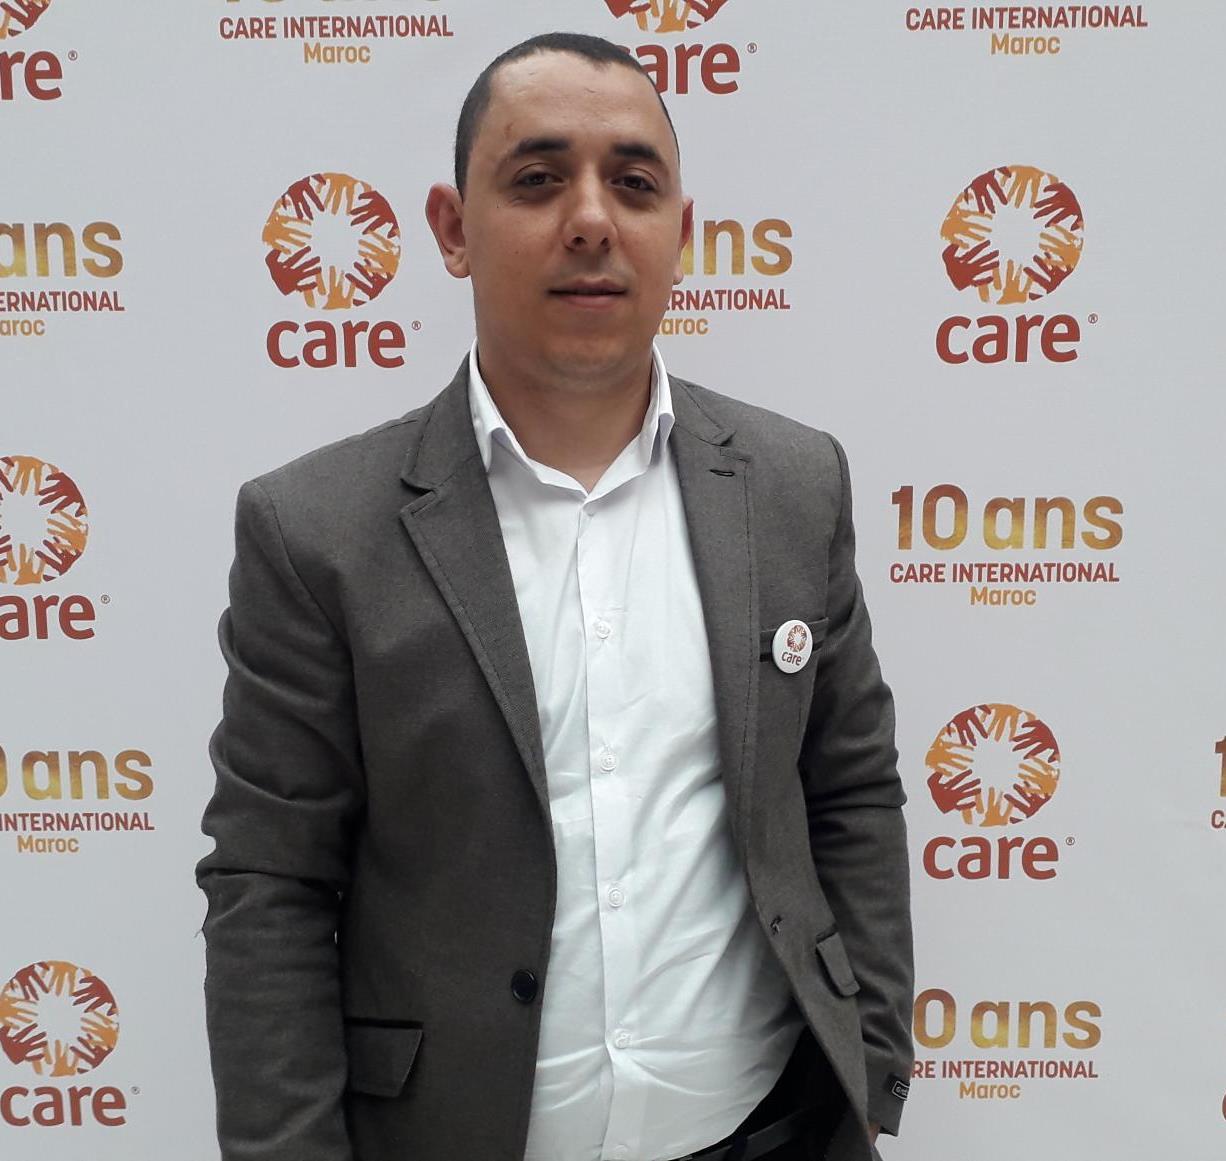 Farid Ezzahraouy